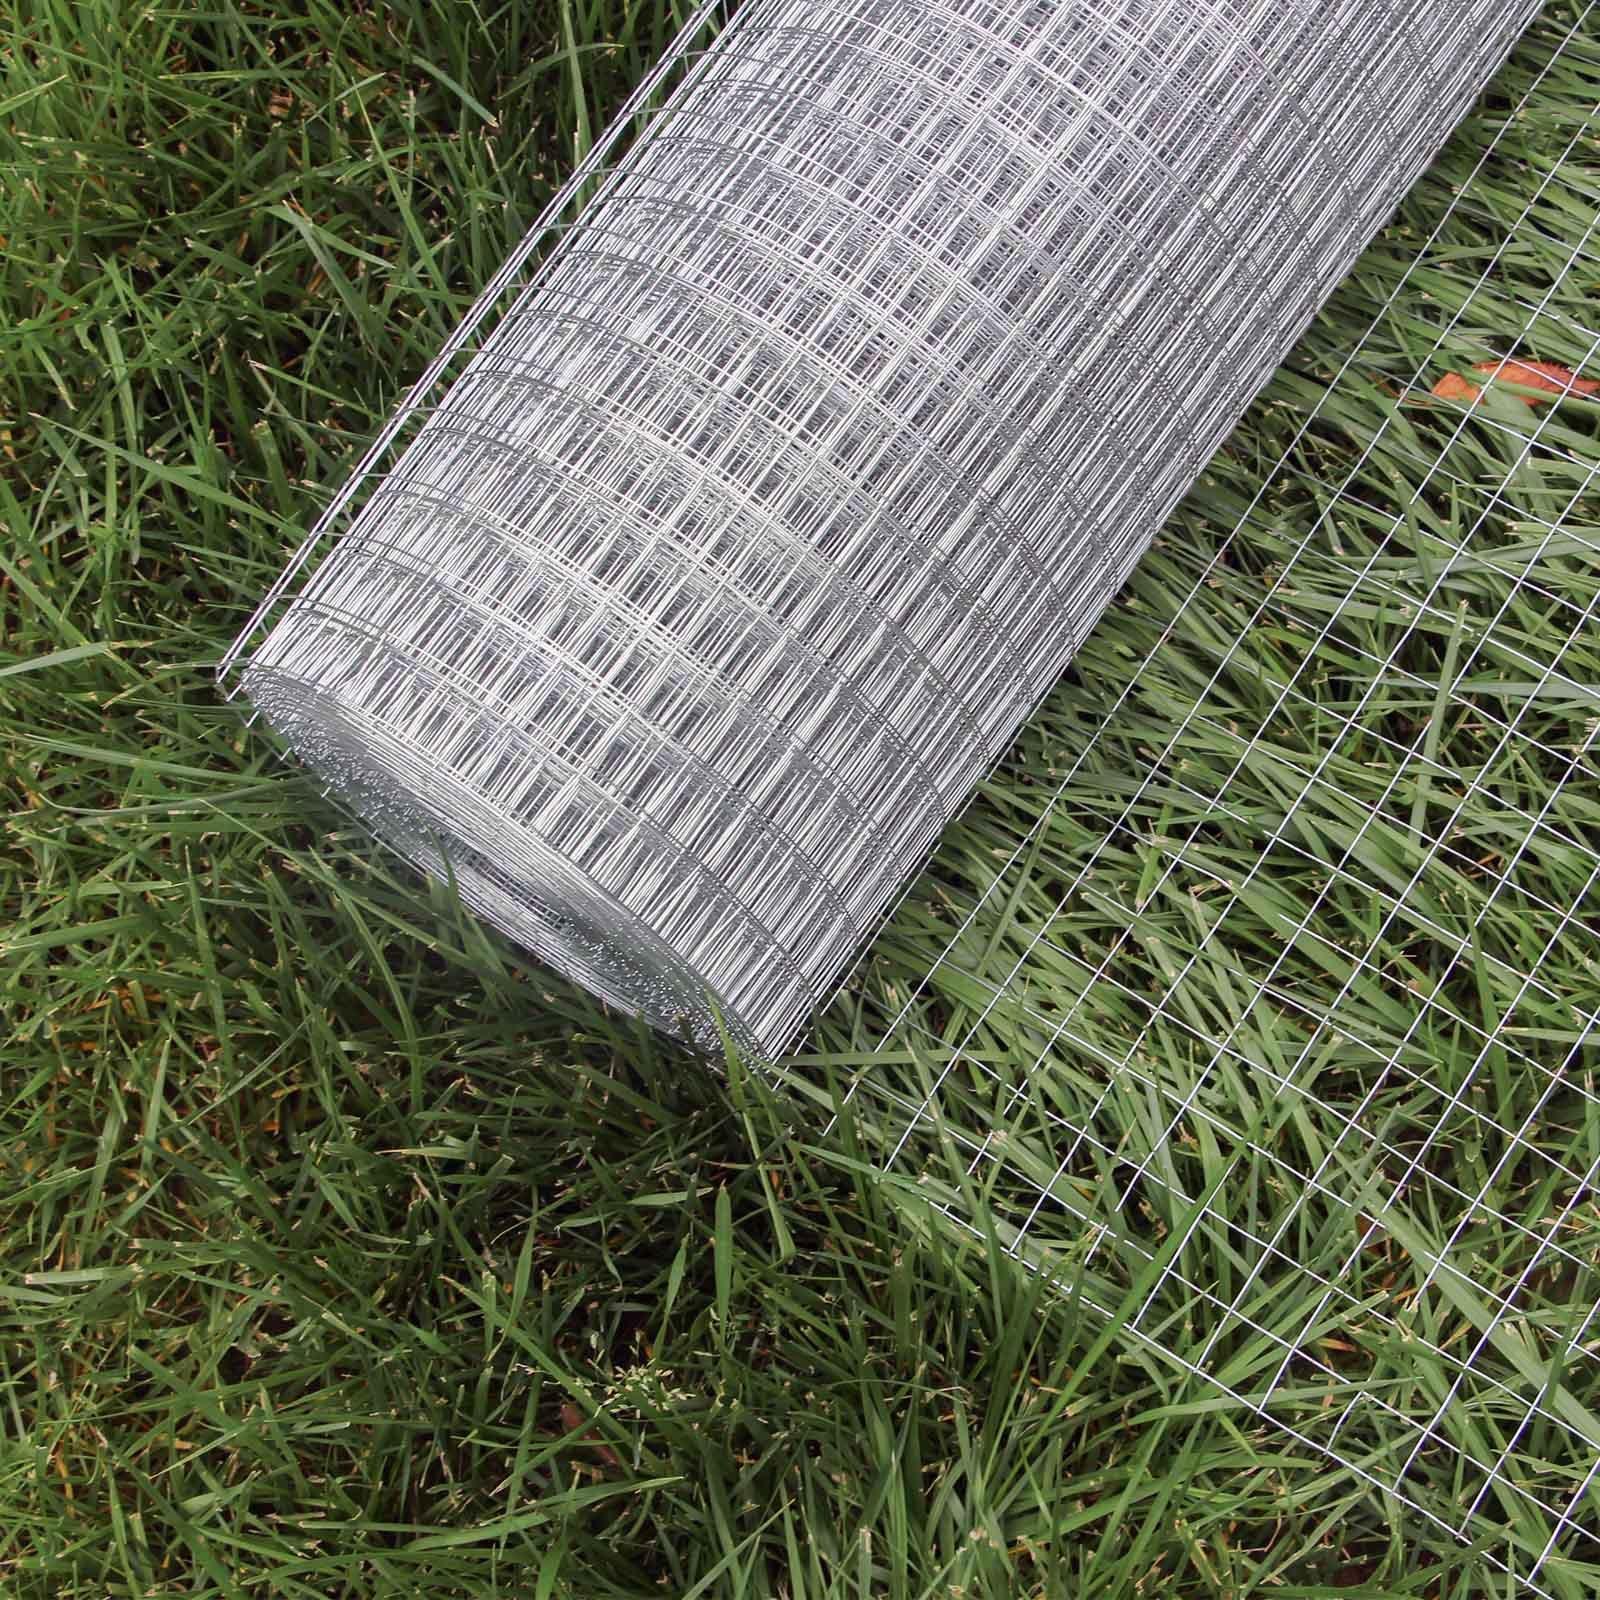 WilTec Malla Alambre metálica gallinero Cierre metálico galvanizado Rollo 1mx25m mallado 12x12mm Jardín: Amazon.es: Productos para mascotas